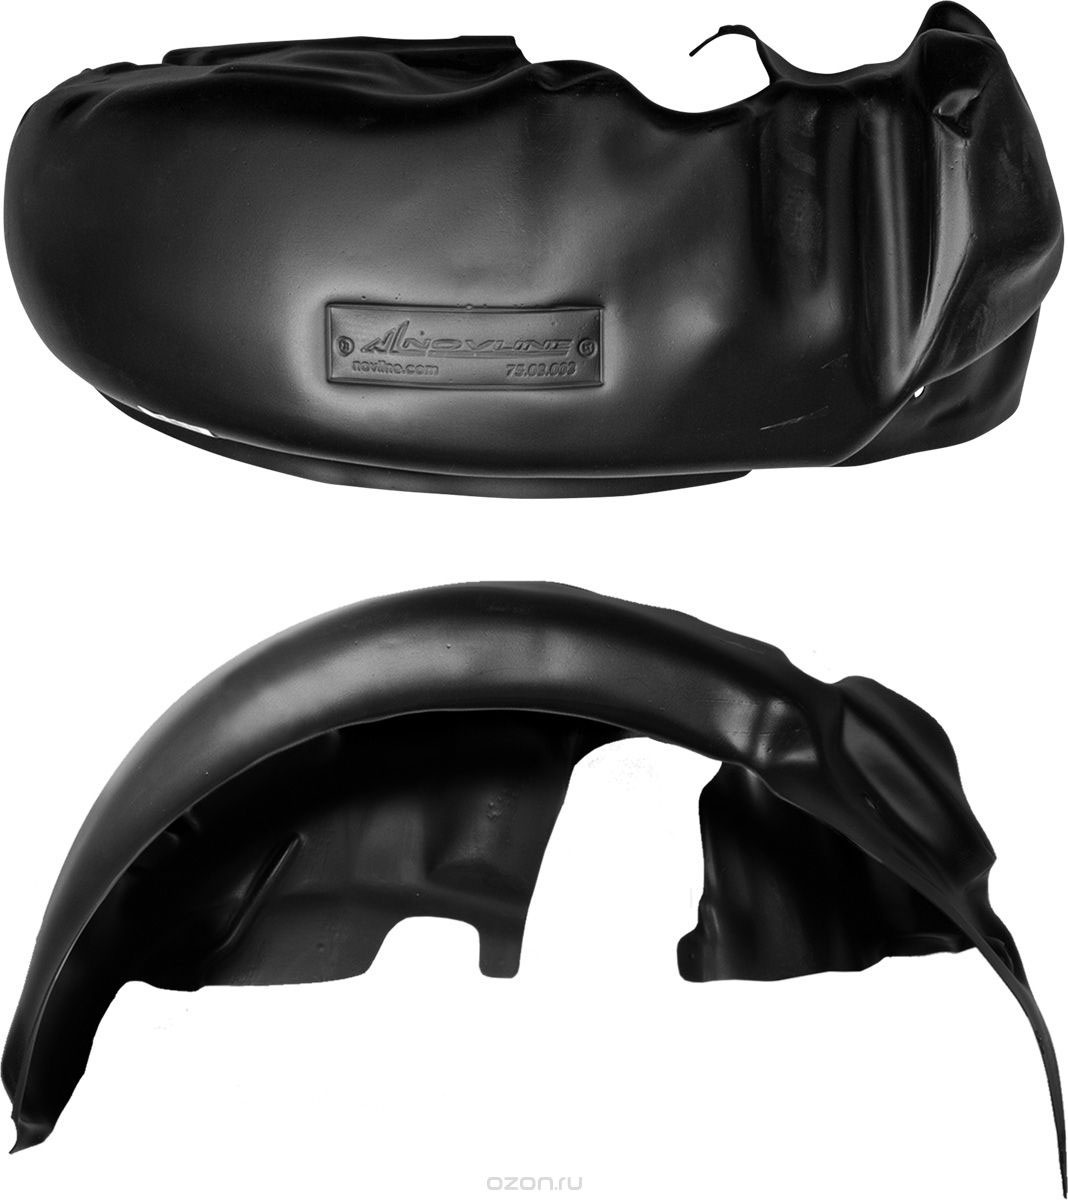 Подкрылок Novline-Autofamily, для PEUGEOT Boxer 08/2014->, без расширителей арок, передний правыйNLL.38.20.002Идеальная защита колесной ниши. Локеры разработаны с применением цифровых технологий, гарантируют максимальную повторяемость поверхности арки. Изделия устанавливаются без нарушения лакокрасочного покрытия автомобиля, каждый подкрылок комплектуется крепежом. Уважаемые клиенты, обращаем ваше внимание, что фотографии на подкрылки универсальные и не отражают реальную форму изделия. При этом само изделие идет точно под размер указанного автомобиля.